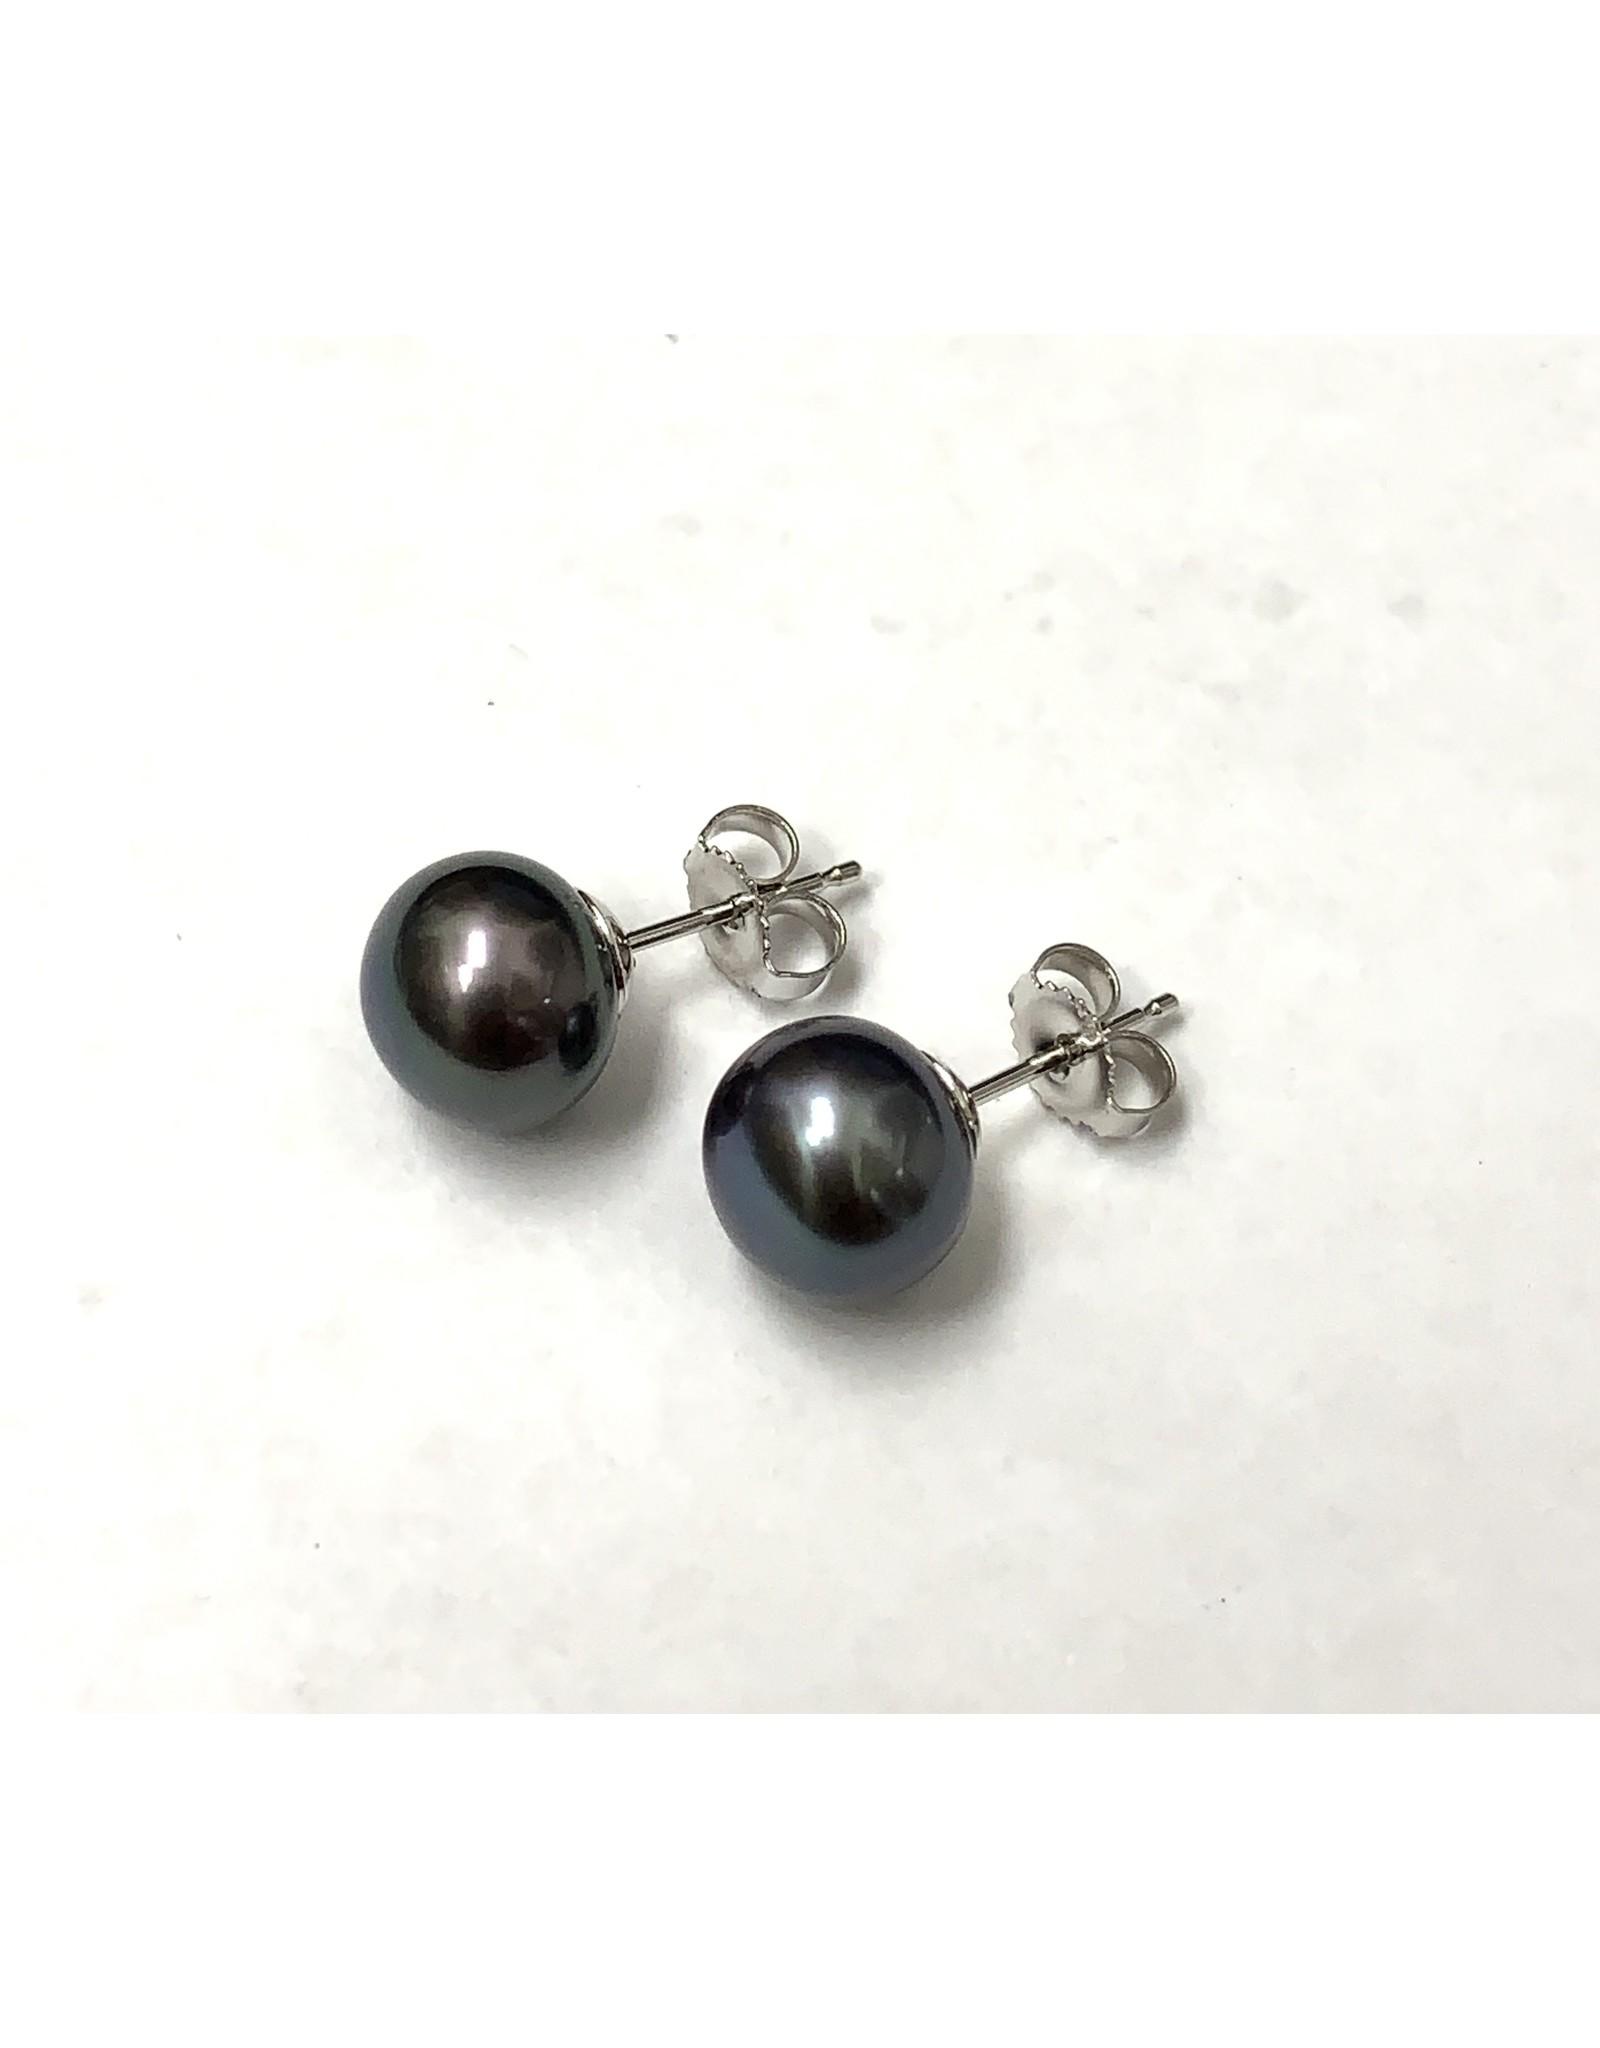 Black FW Pearl Stud Earrings 14KW